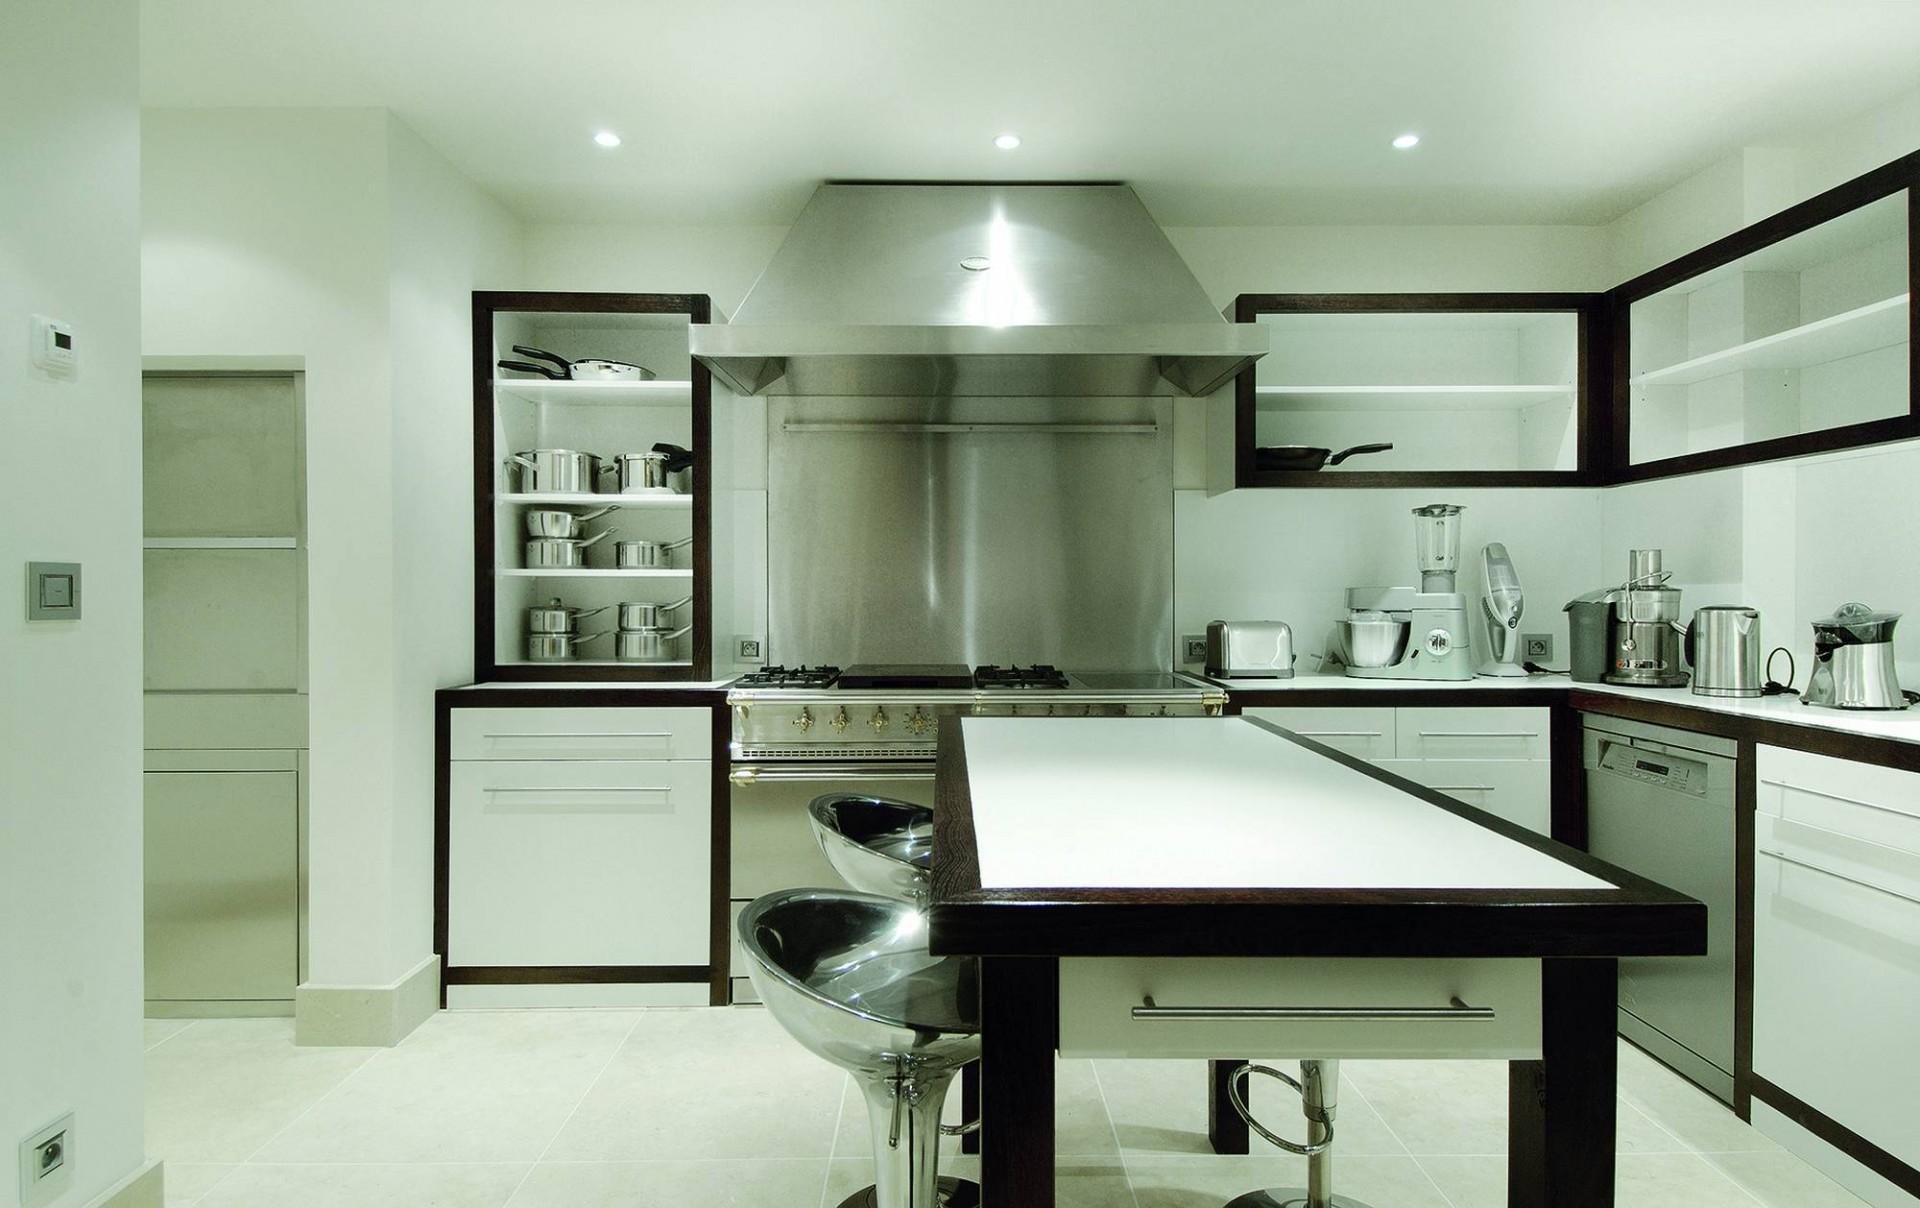 Courchevel 1850 Luxury Rental Chalet Bepalite Kitchen 2